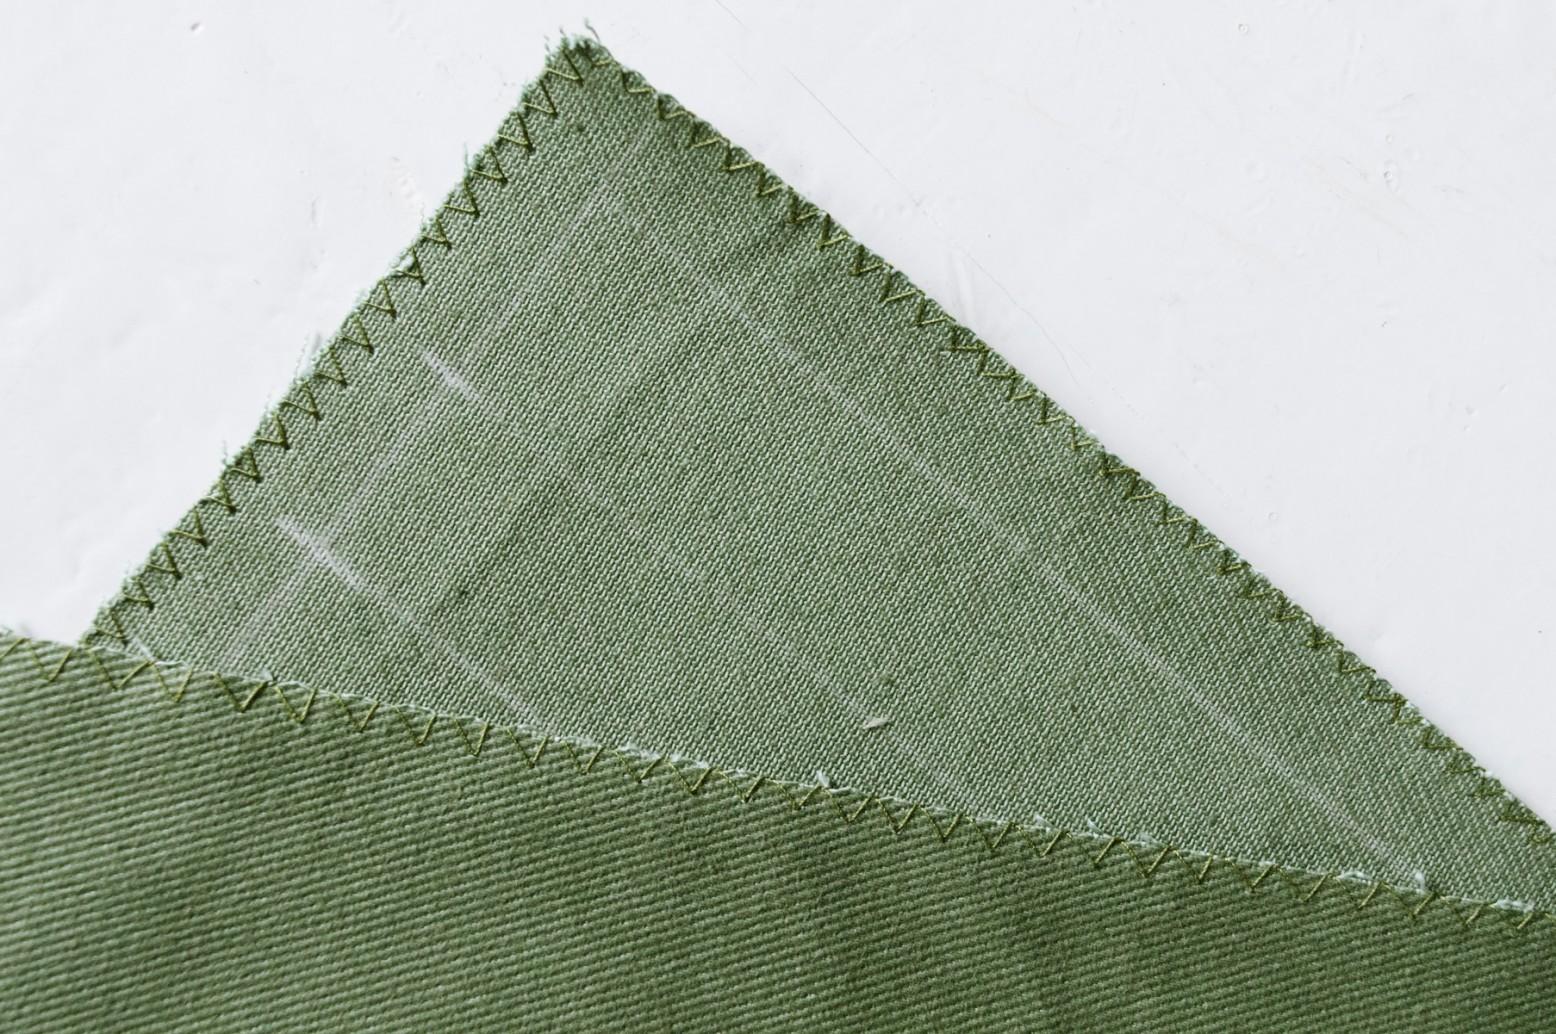 Cách may túi vải tại nhà - vắt sổ mép vải